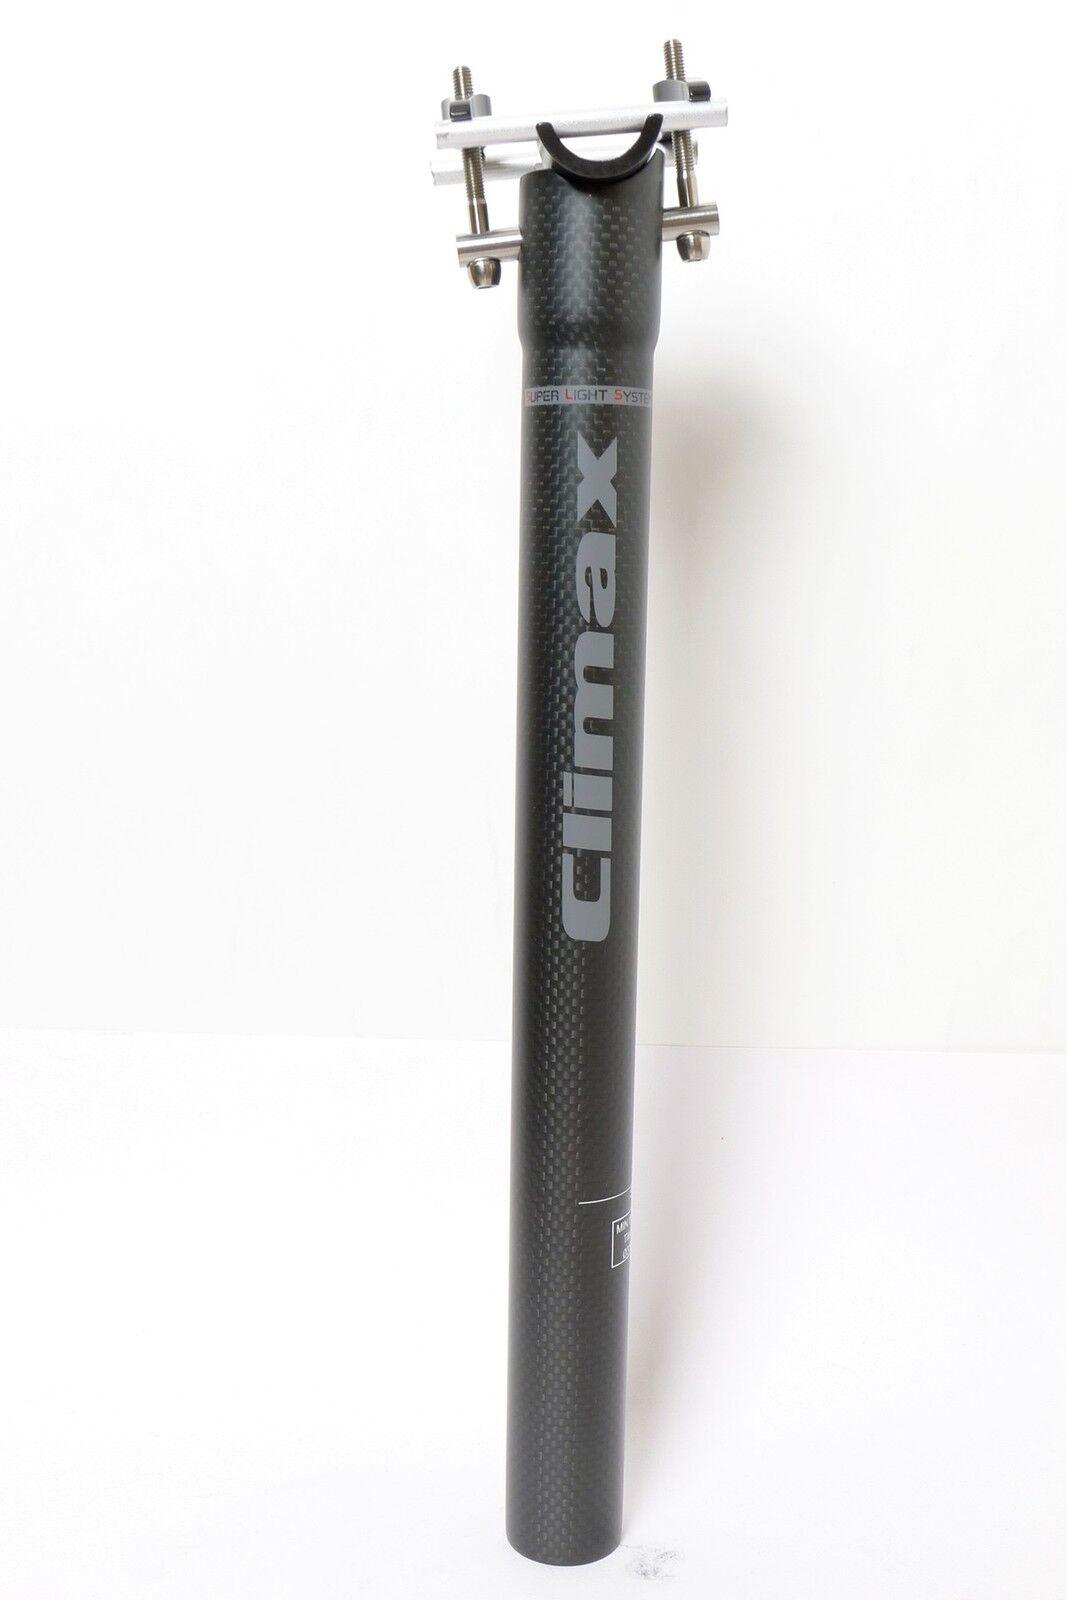 Clímax 140g,31 .6x350mm SP02D1 3K Matt tija de sillín de Carbono Bicicleta MTB Carretera Negro